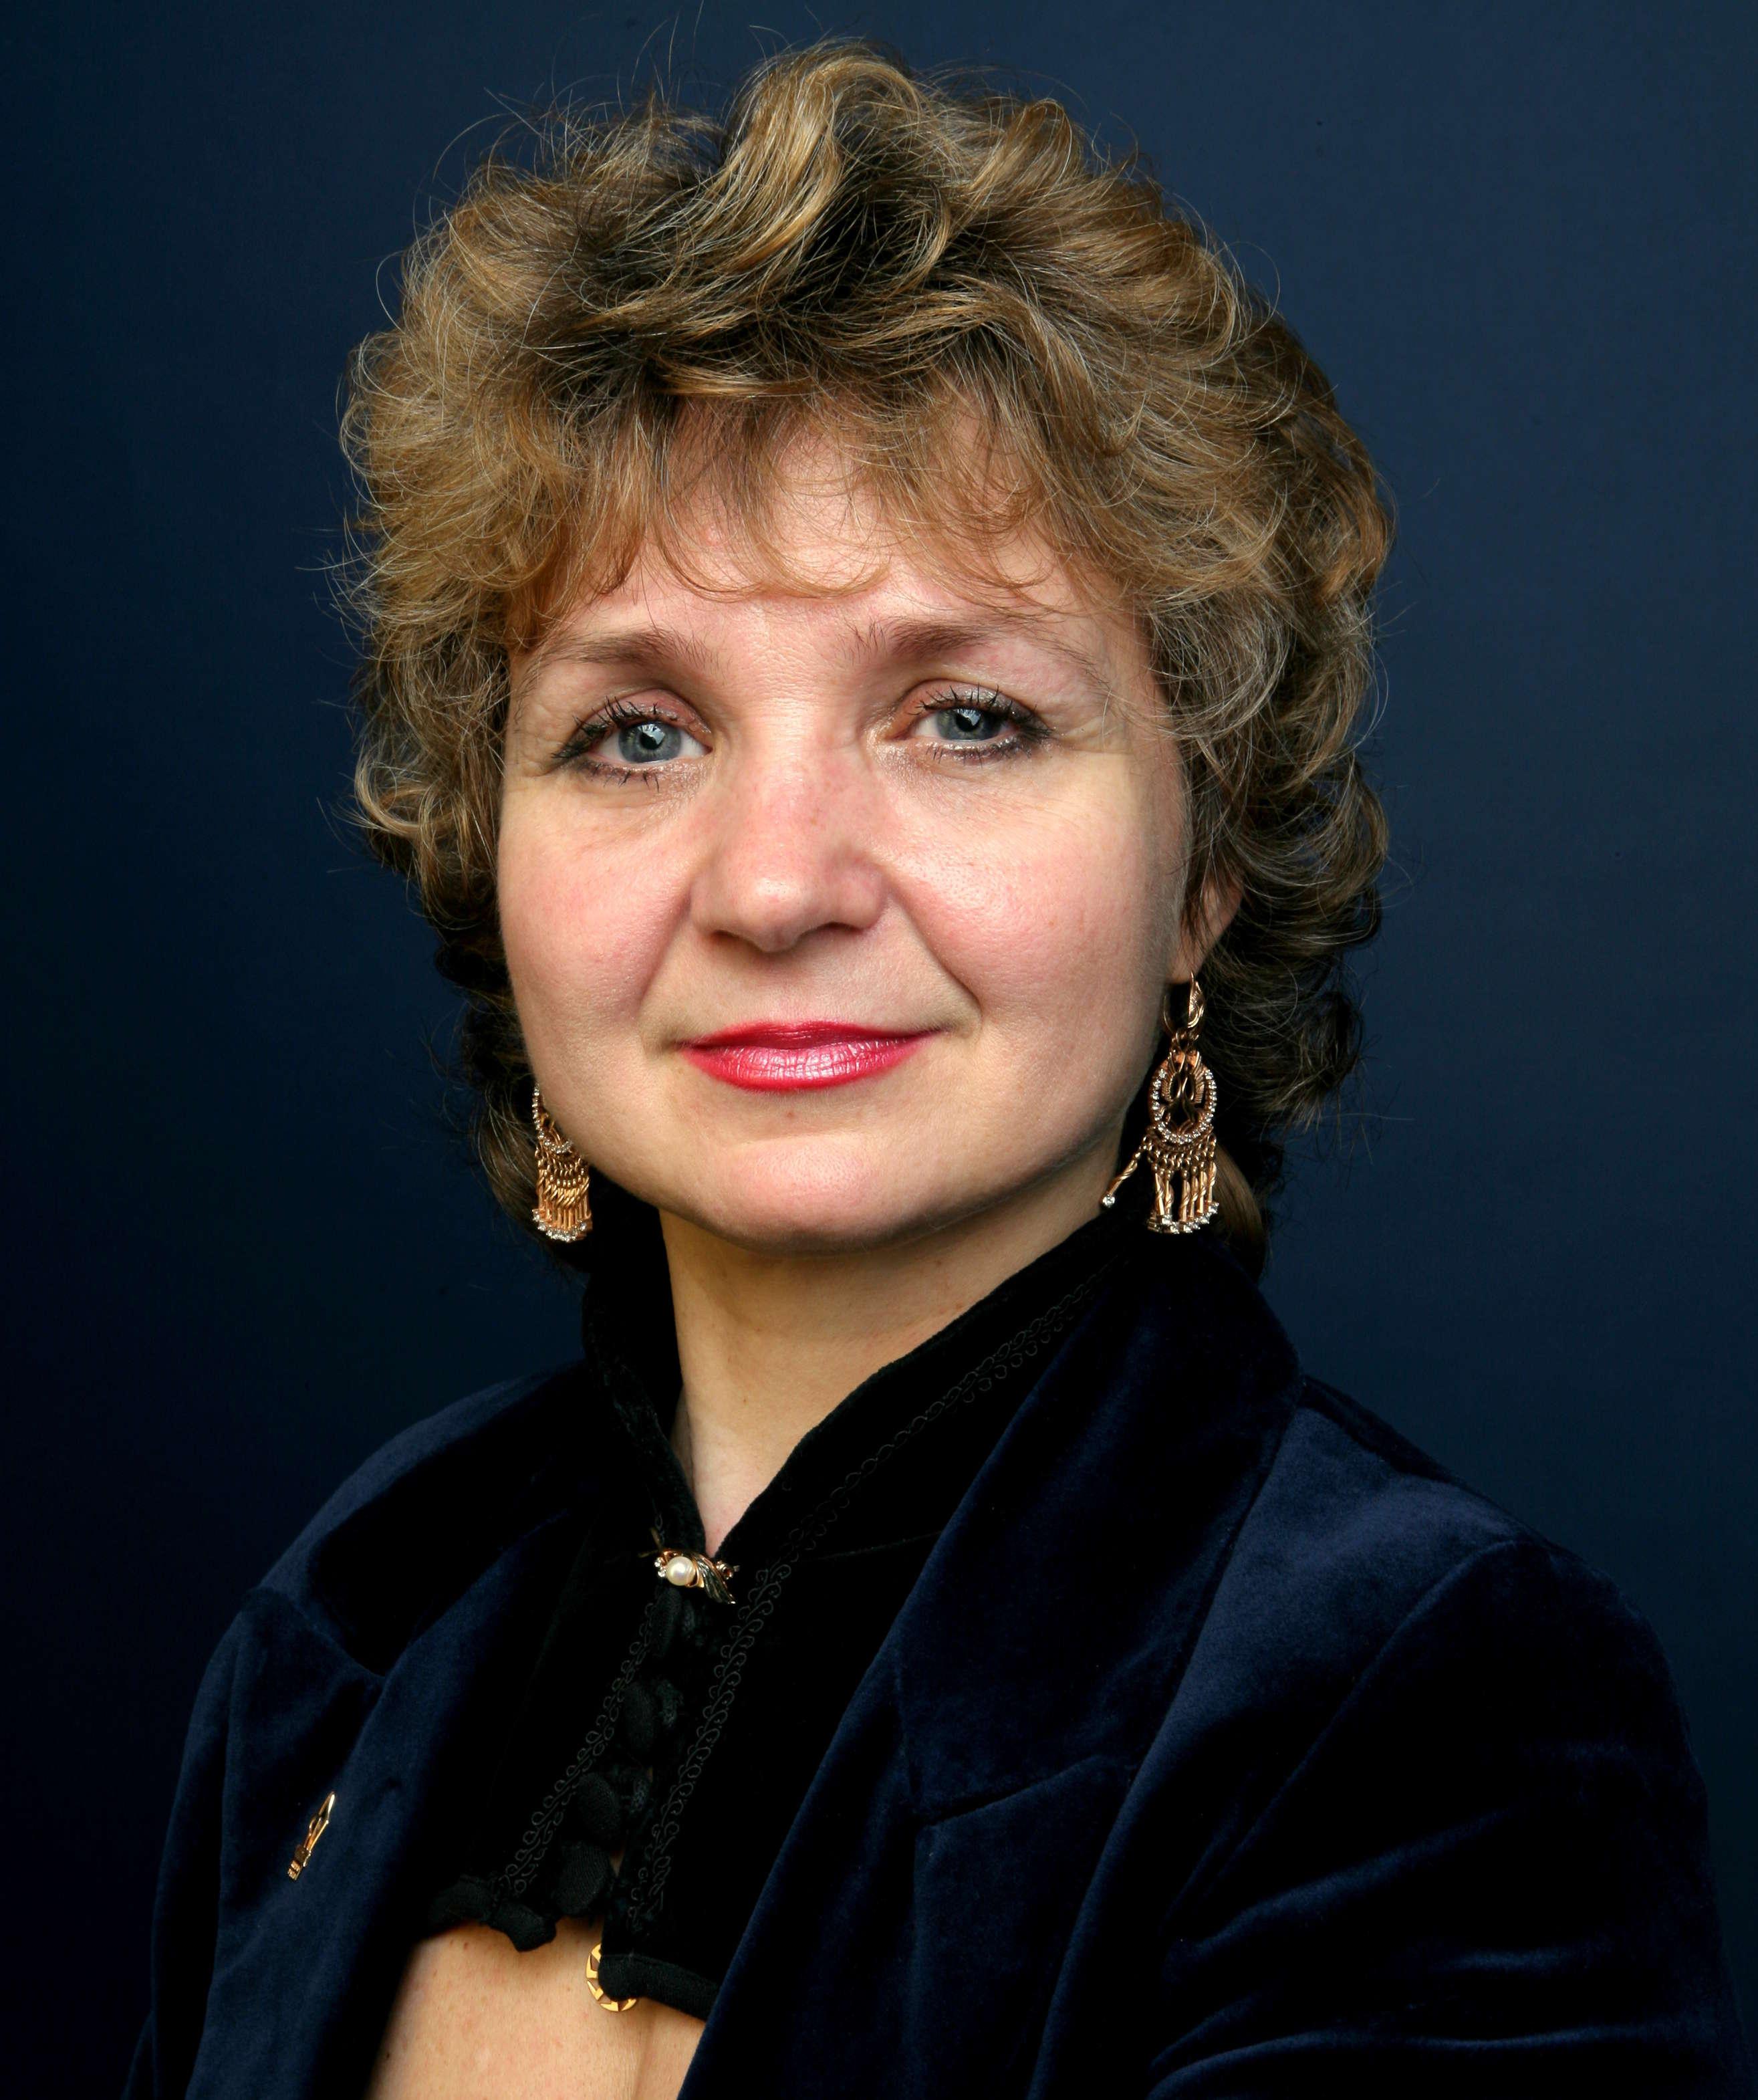 Светлана Савицкая: Даже если тебе делают что-то плохое, отвечай добром на зло